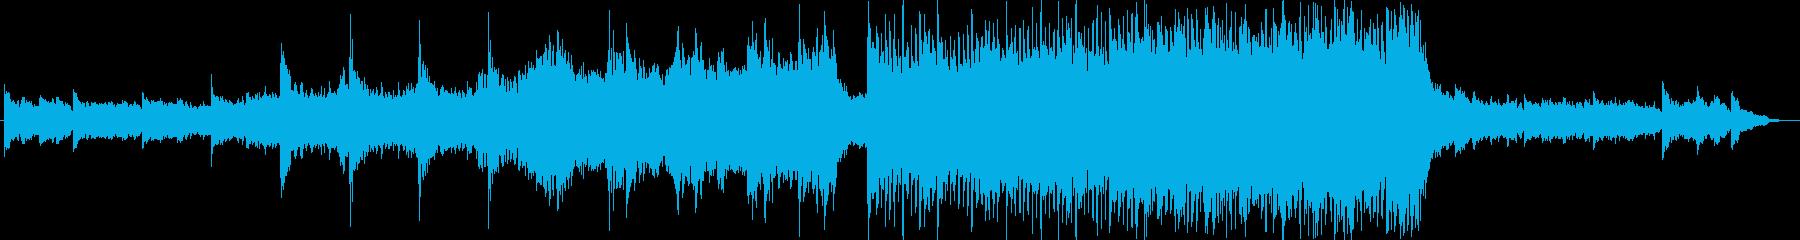 ポップ テクノ 代替案 現代的 交...の再生済みの波形